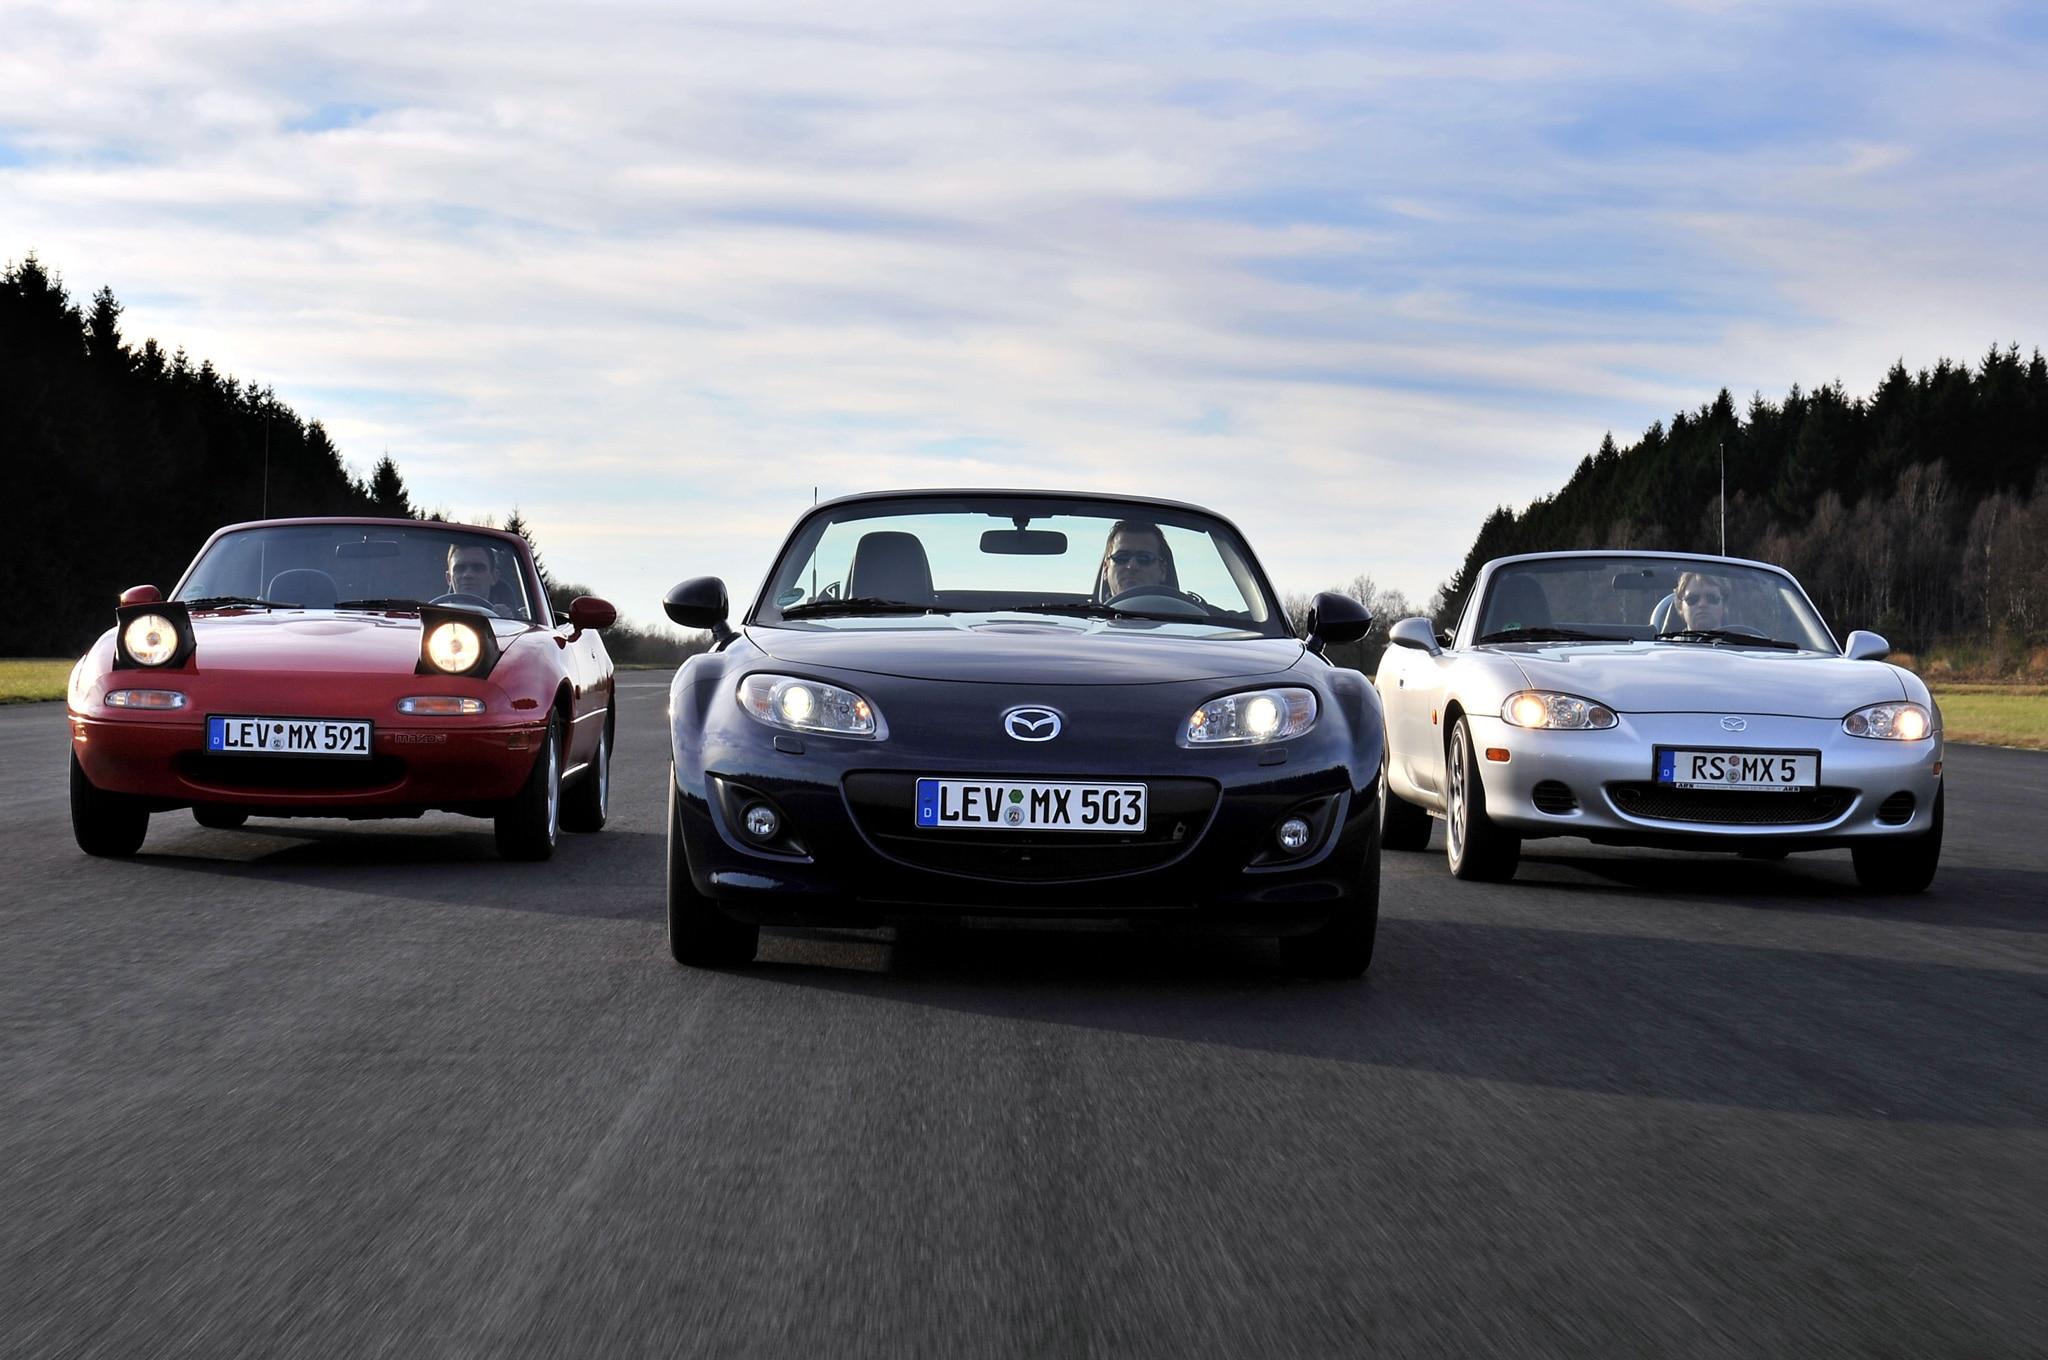 Mazda MX 5 Miata 25th Anniversary Gathering Front View1